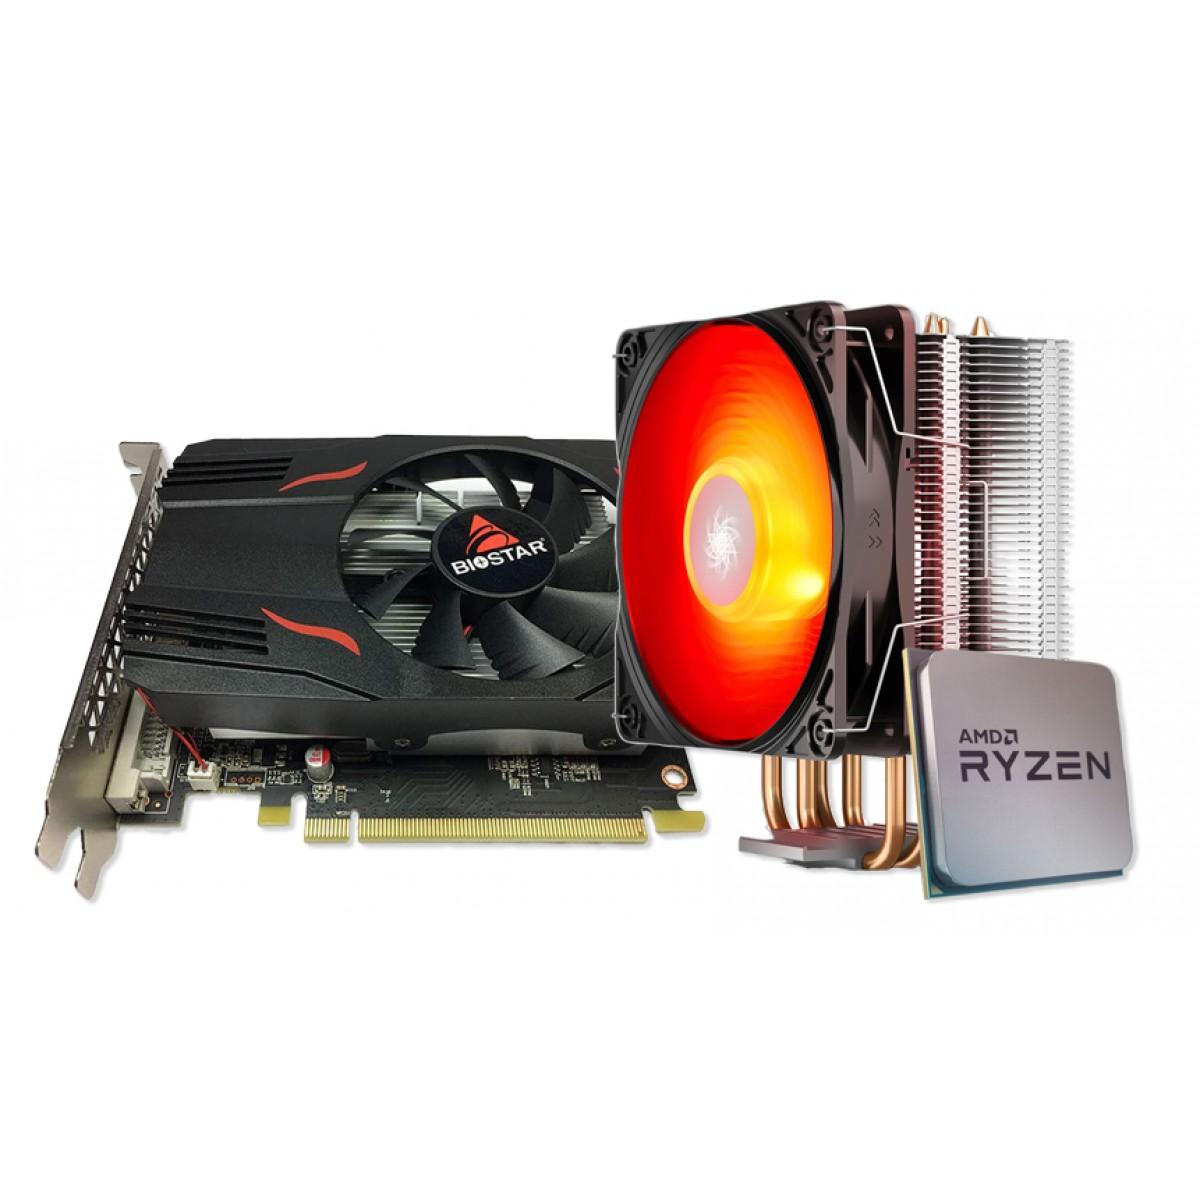 Kit Upgrade Biostar Radeon RX 550 2GB + Ryzen 3 3300X + Brinde Cooler